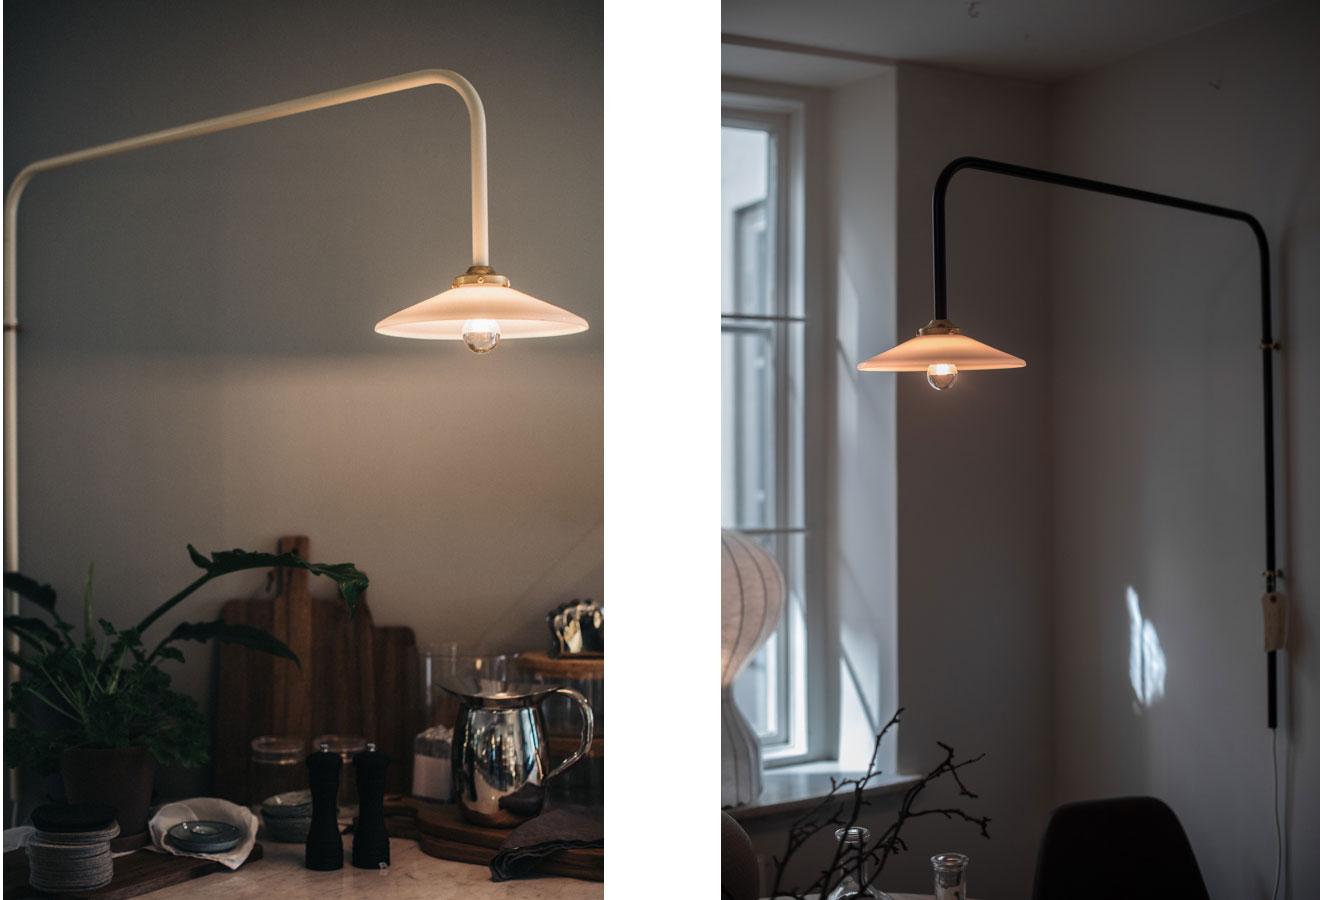 inspireras-av-belysning-vägglampa-industri-svart-vit-midbec-tapeter